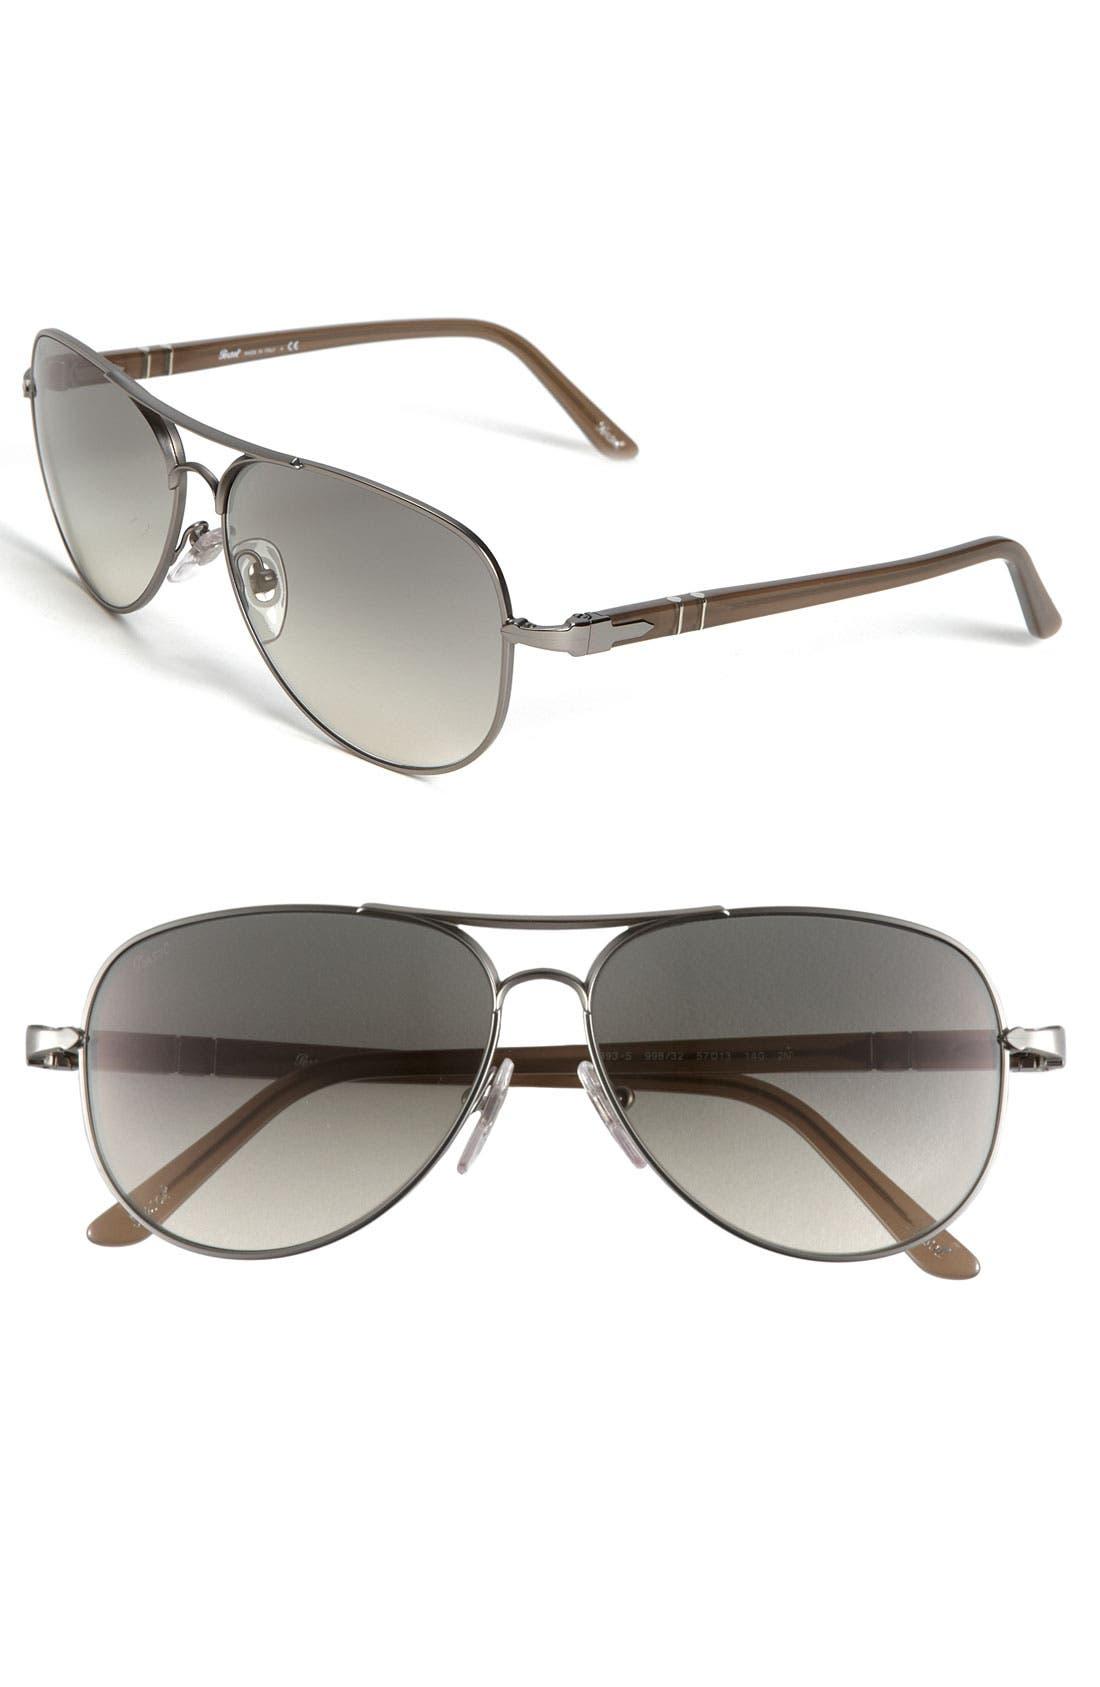 Main Image - Persol 57mm Metal Aviator Sunglasses